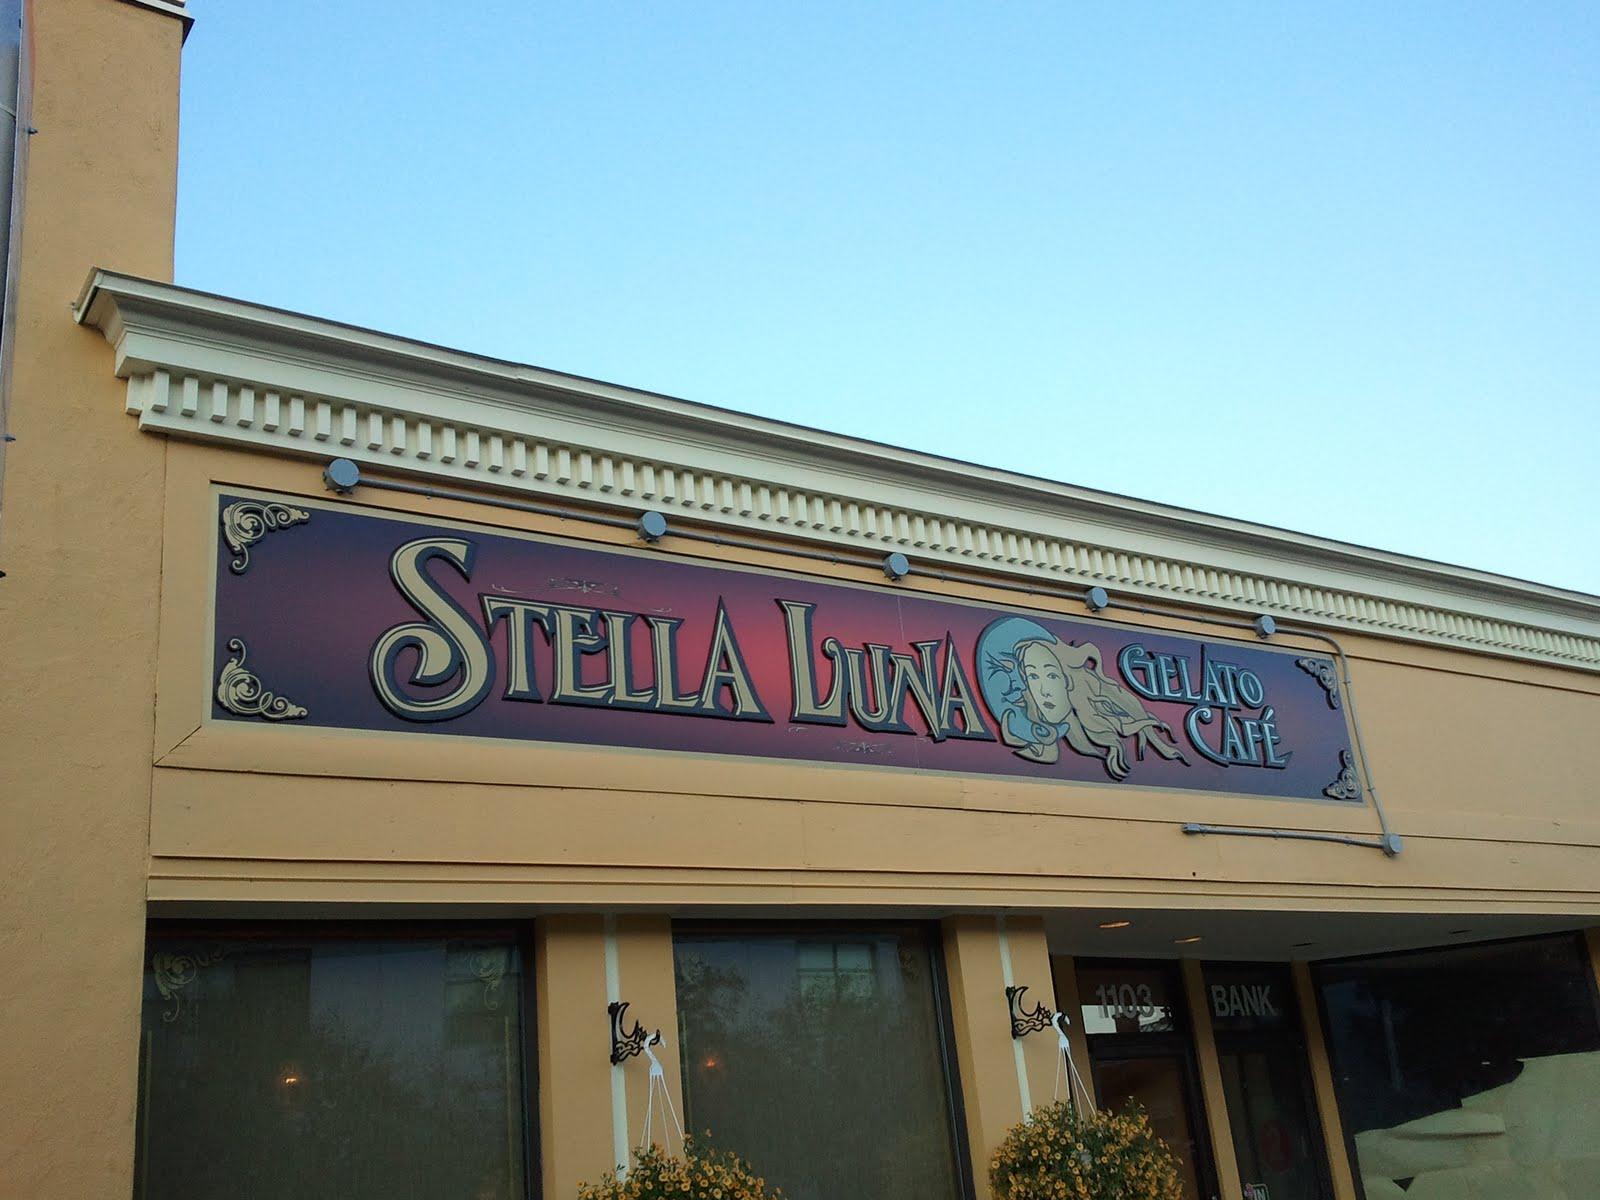 Stella Luna Gelato Café - A Quick Lick